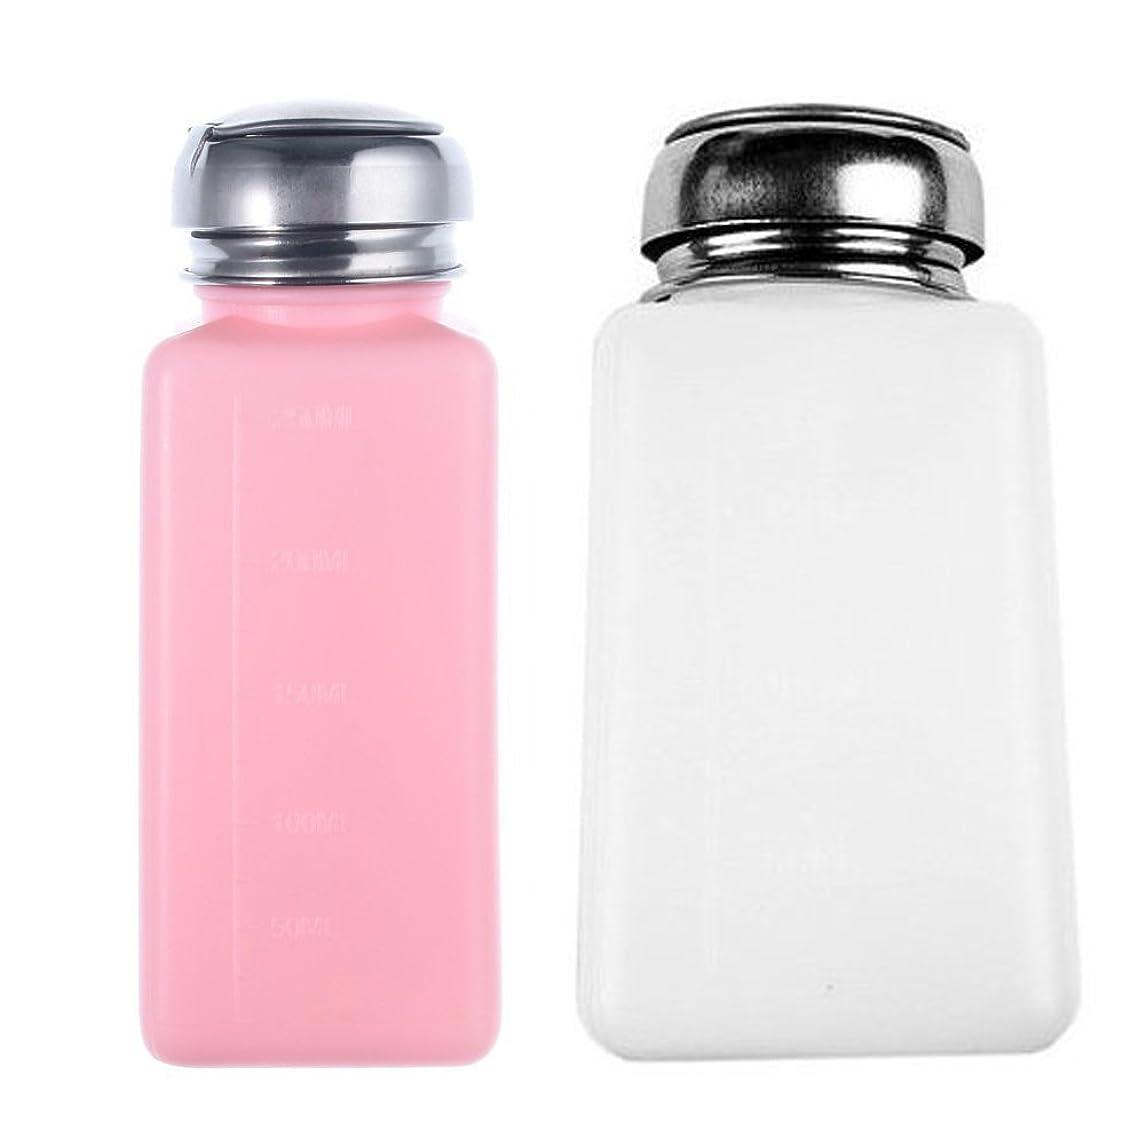 口頭砲撃補足SODIAL 新しい空のポンプディスペンサー ネイルアートポーランドリムーバーの為 ピンクと白のボトル